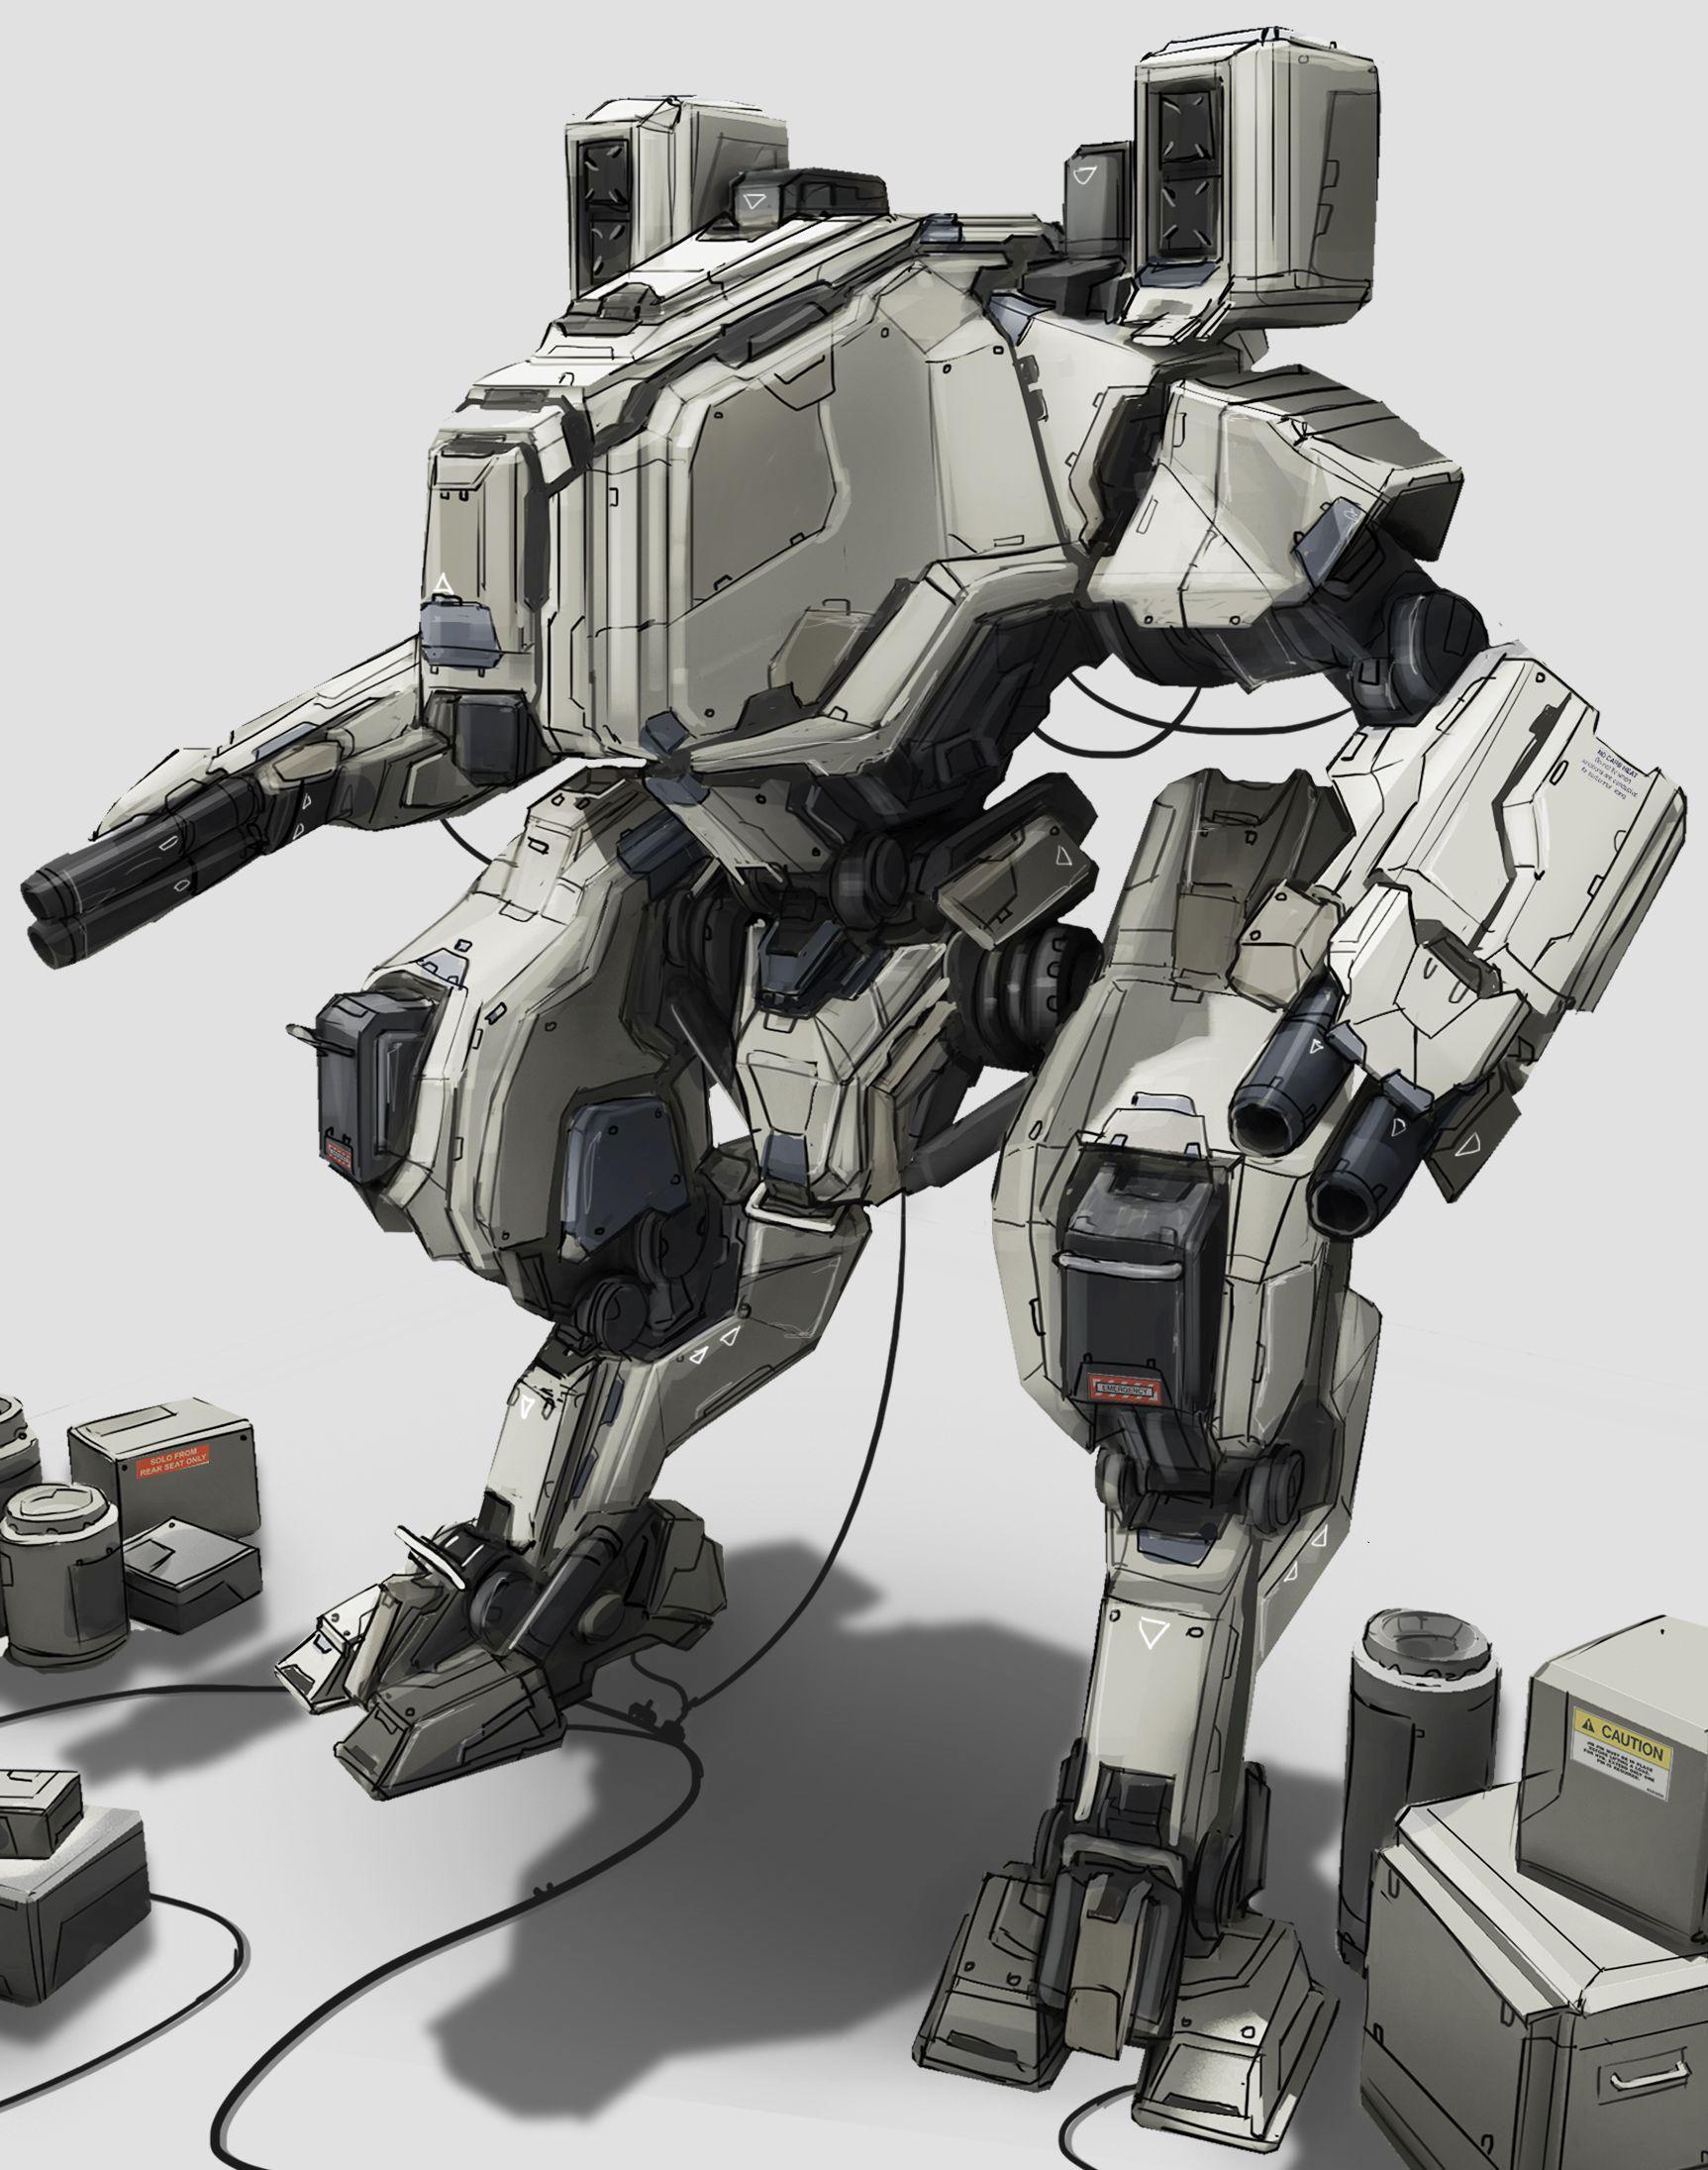 Ferret_Combat_Walker.jpg